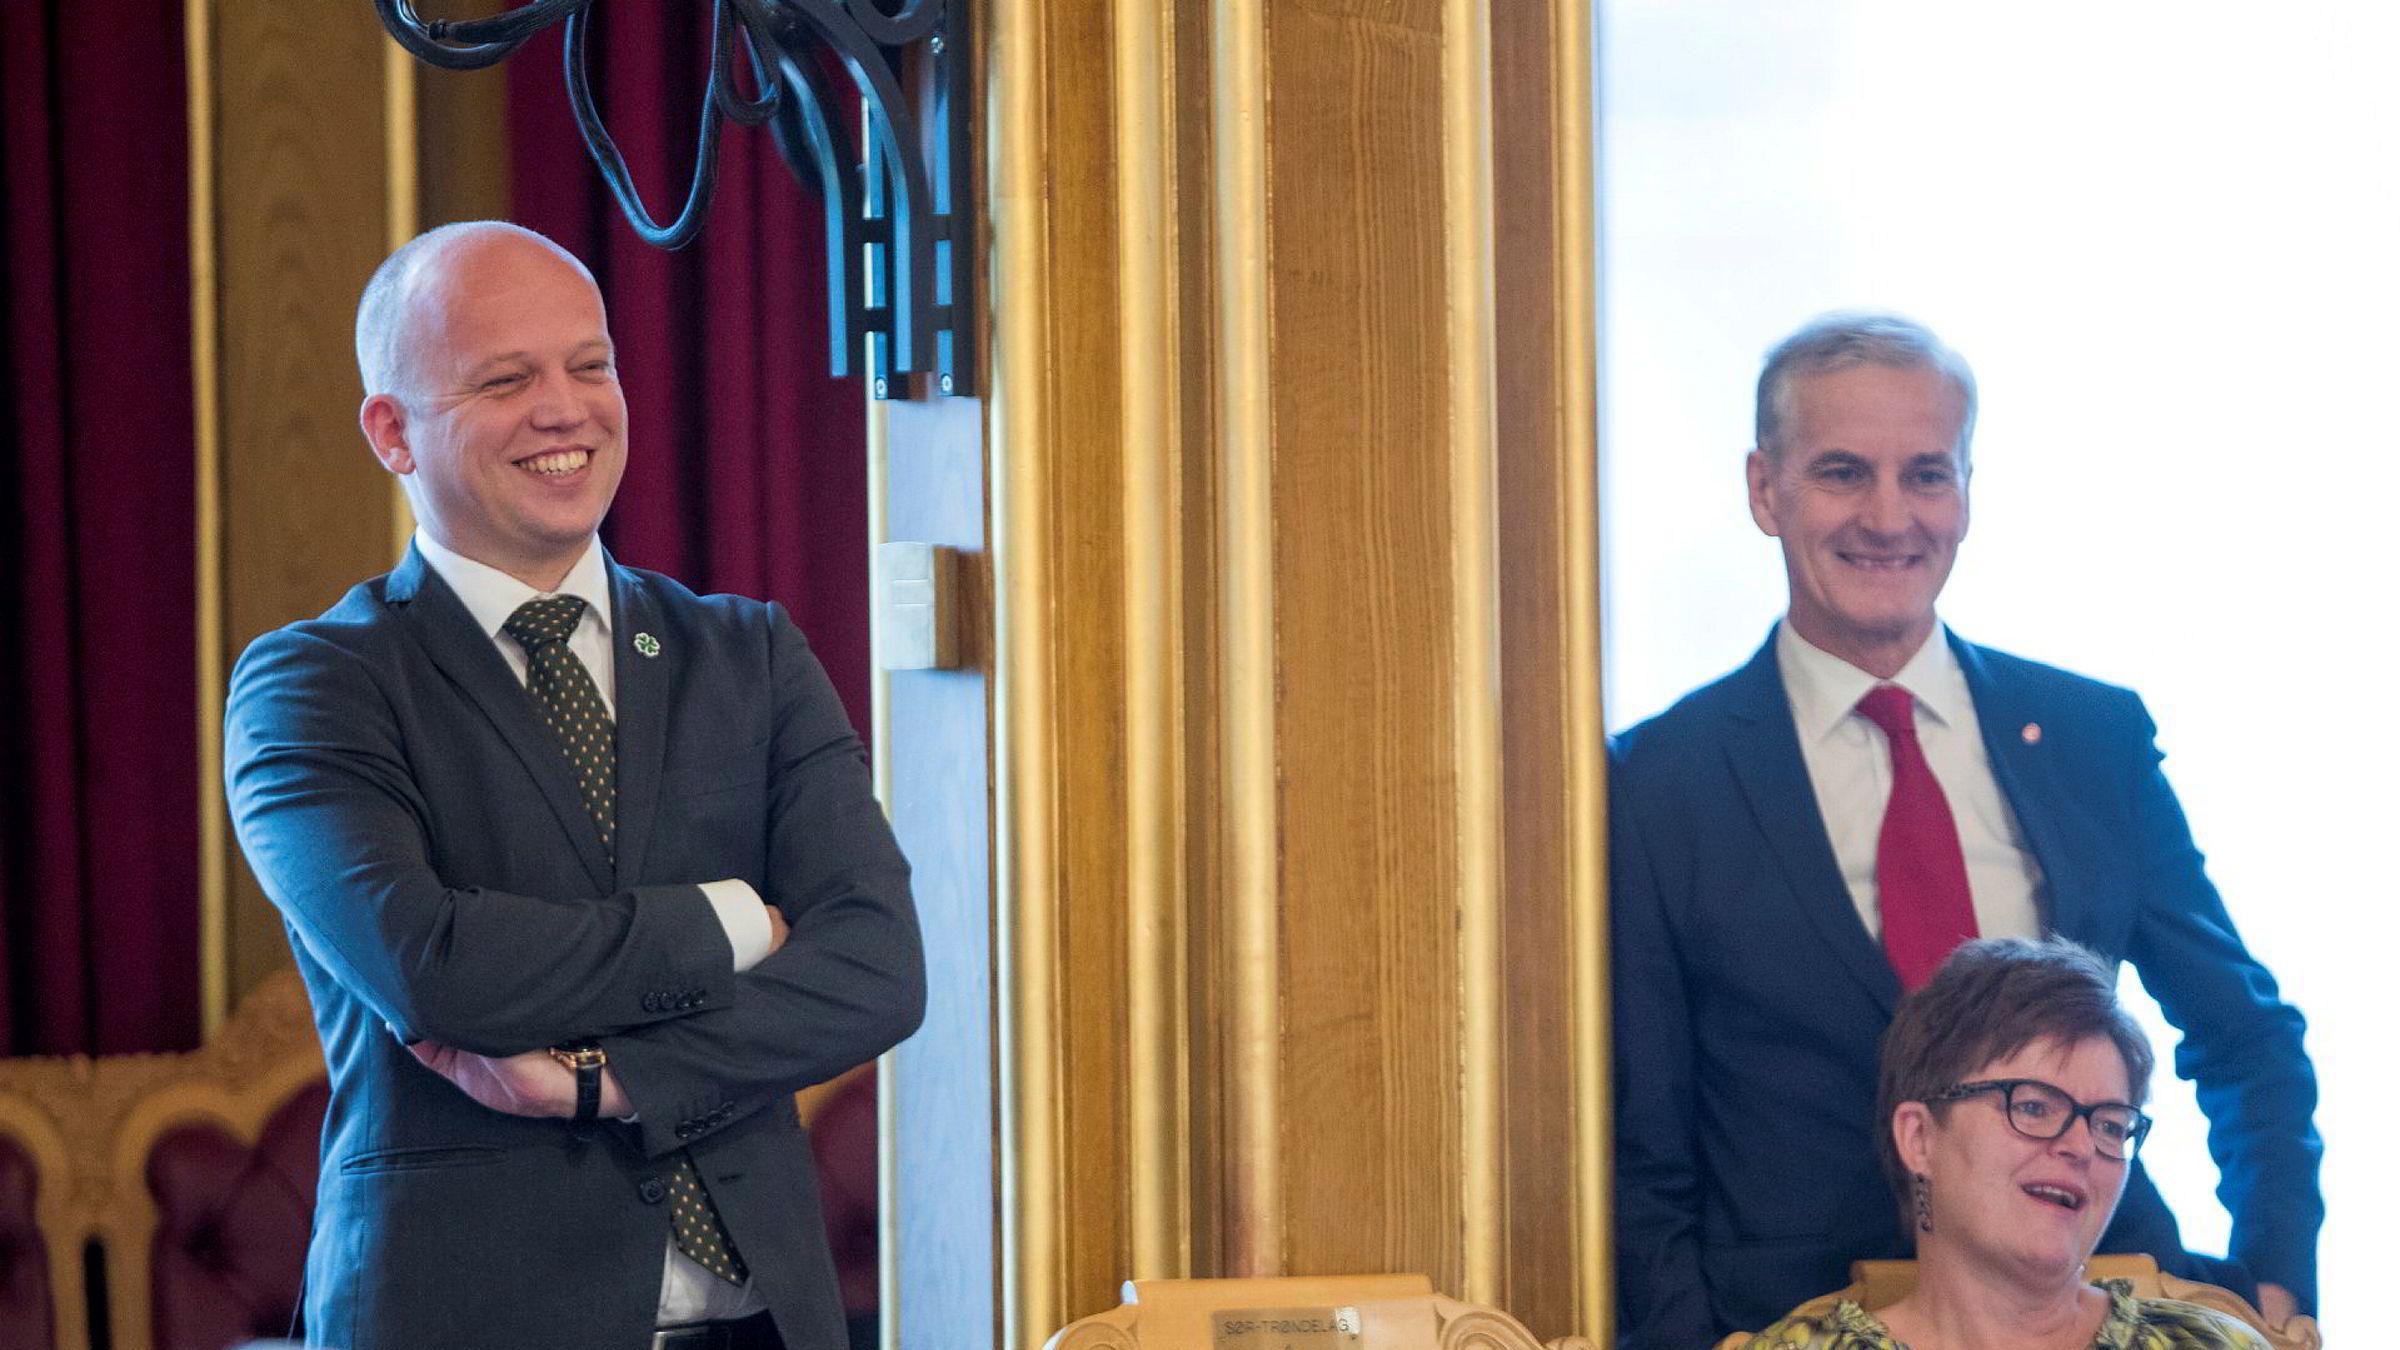 Drøyt én av tre sier de vil foretrekke Trygve Slagsvold Vedum som lederen for en eventuell rødgrønn regjering. Jonas Gahr Støre får støtte fra 44 prosent.